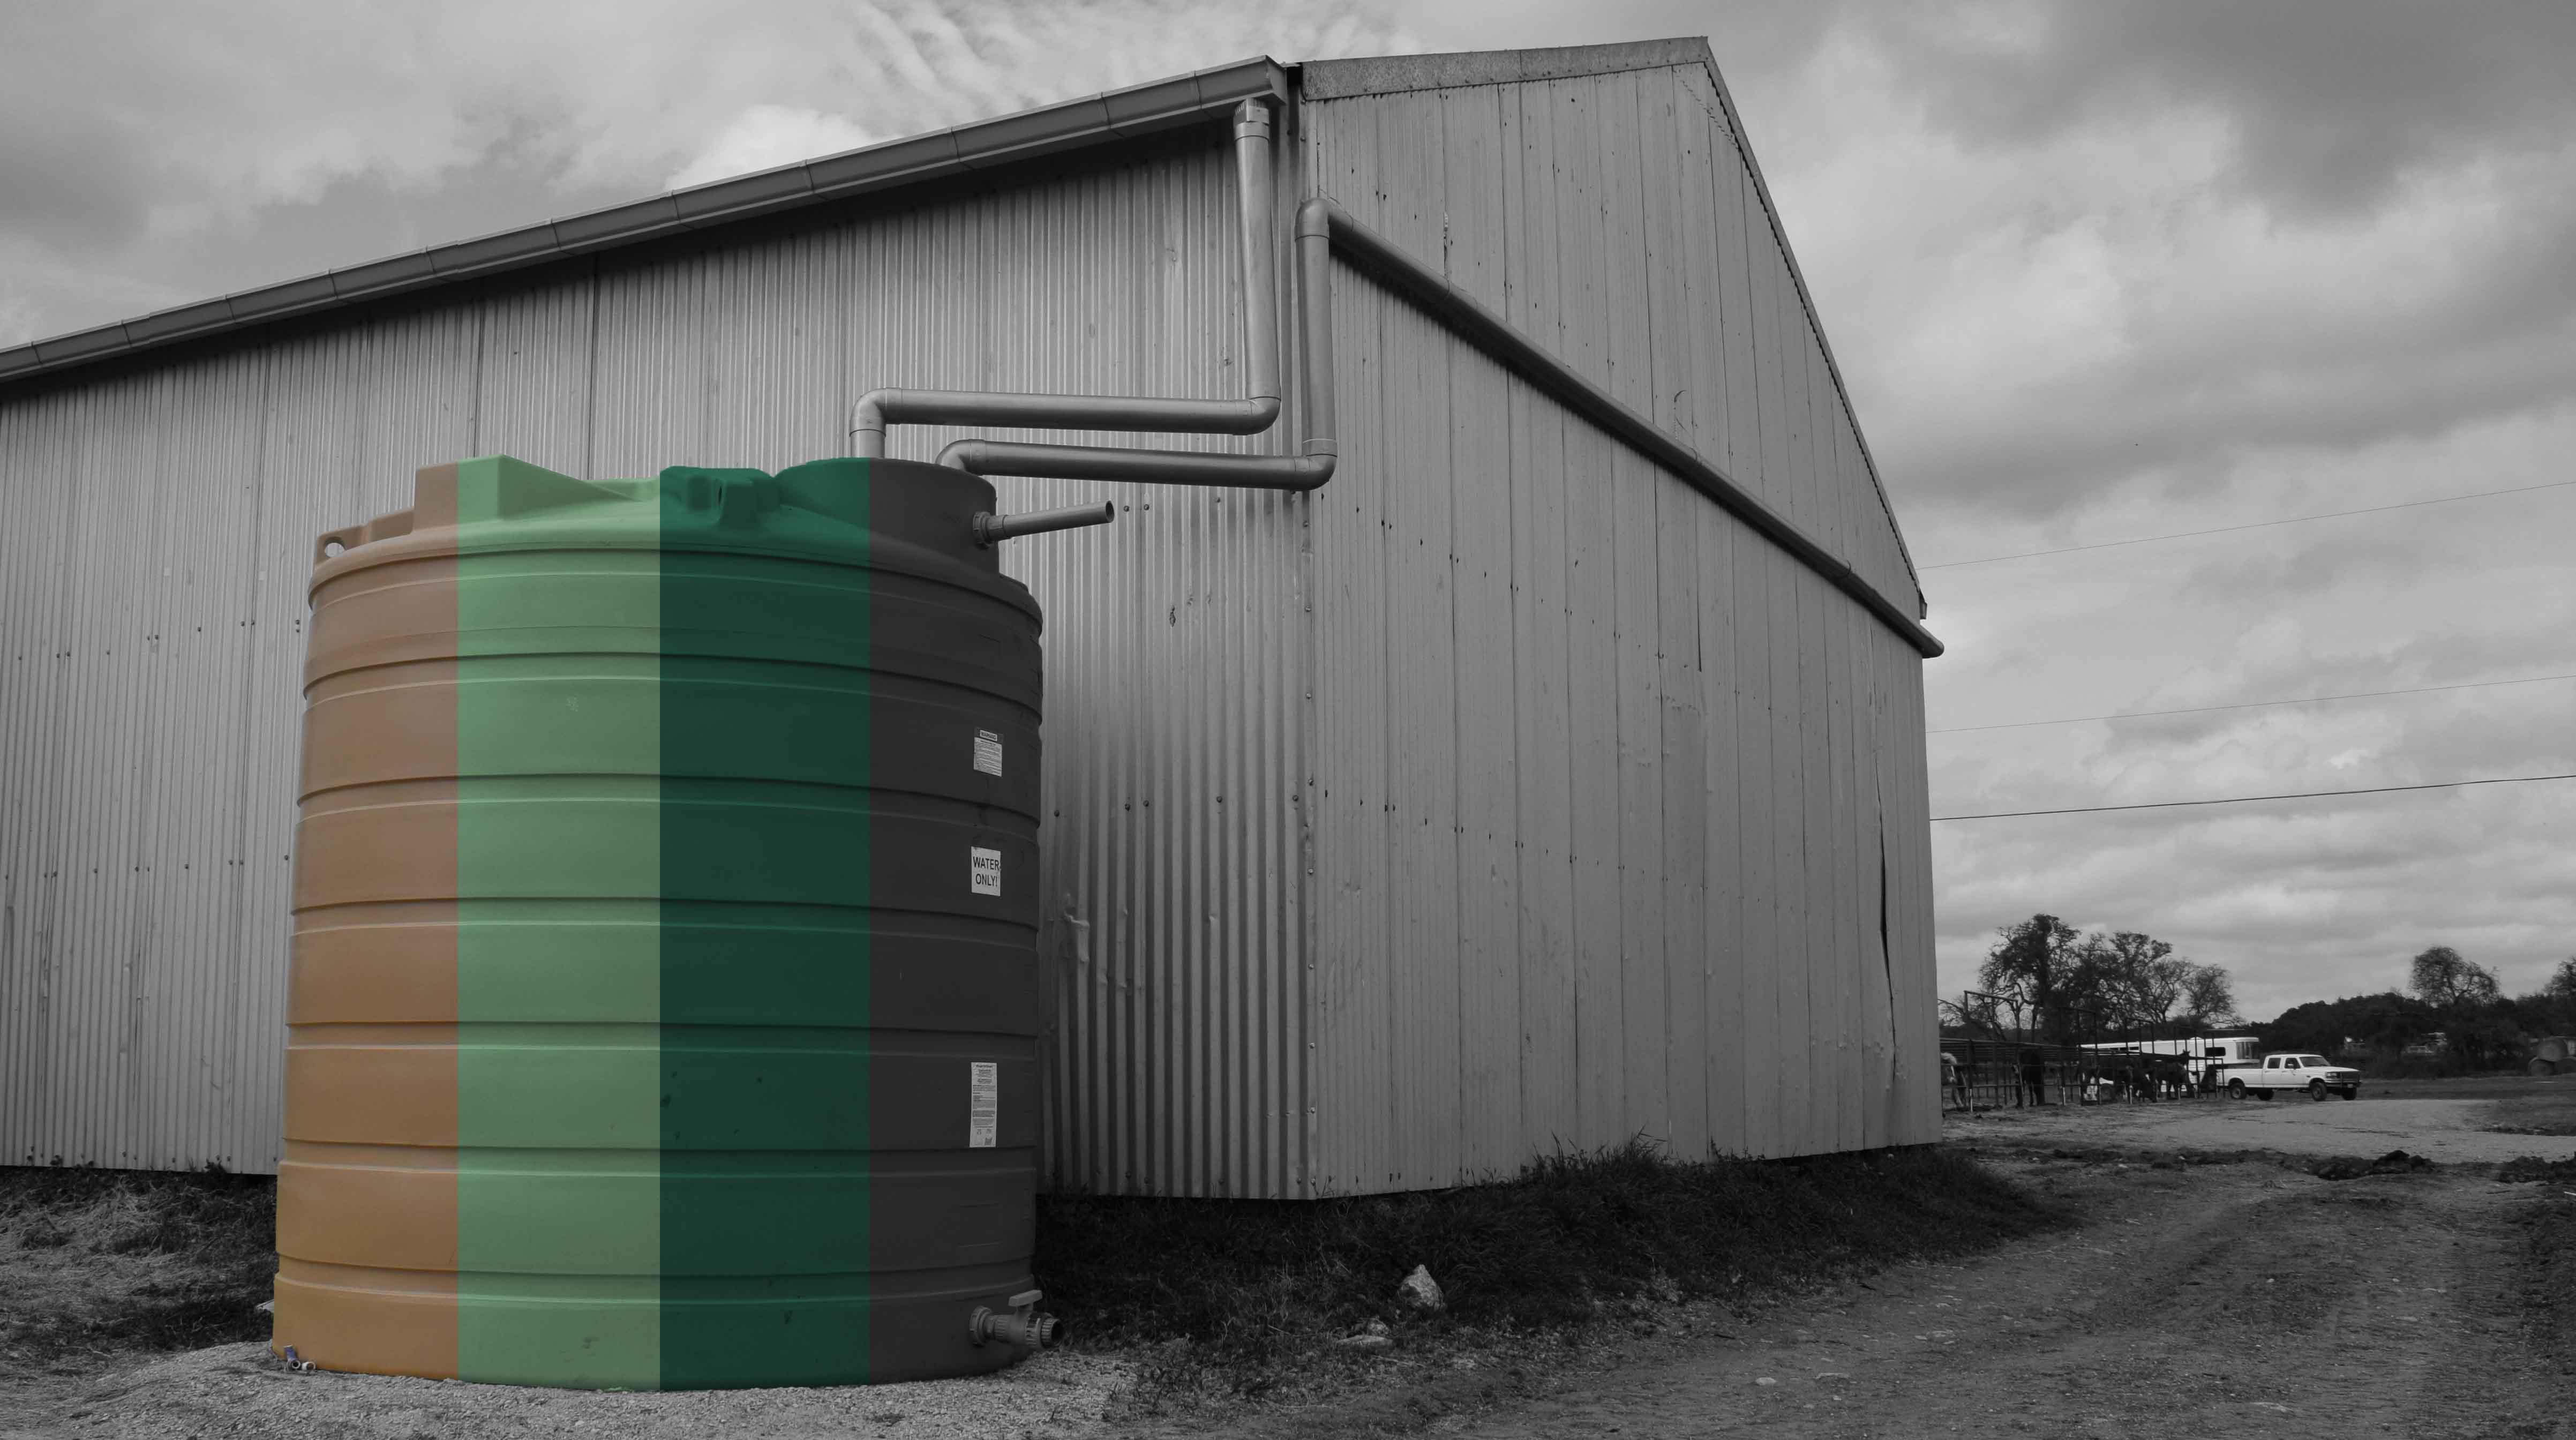 Enduraplas Blogs | Water Storage & Rain Harvesting | Buying a Water Tank